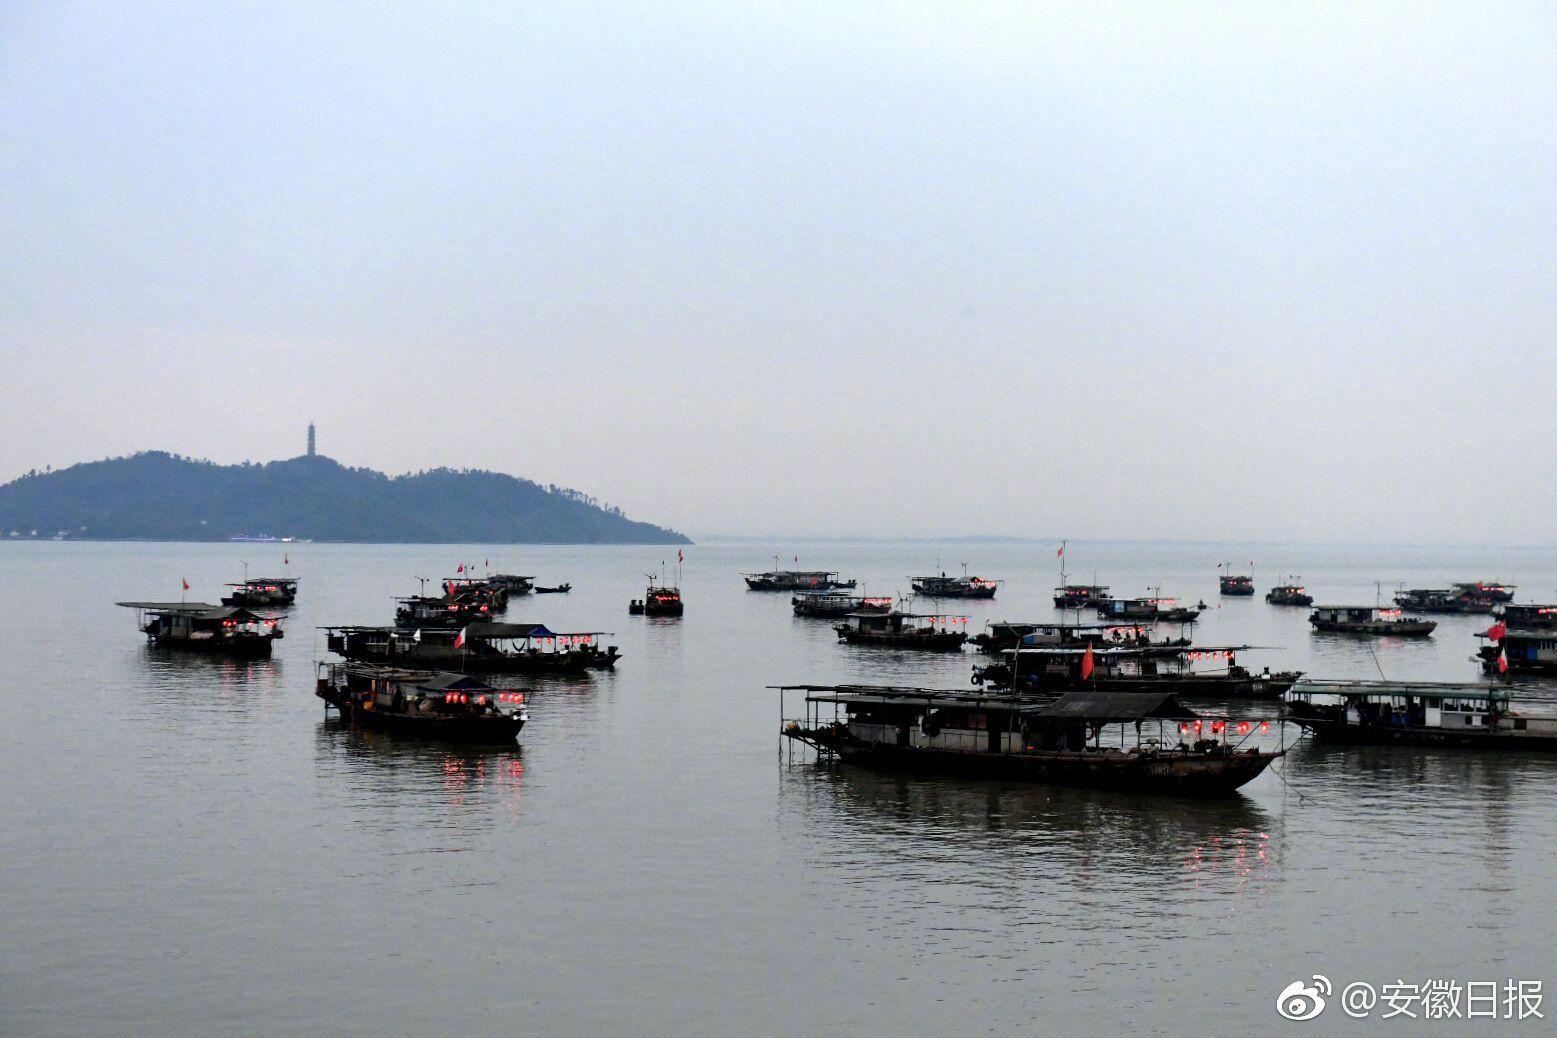 中国向马来西亚交付首艘濒海任务舰 总共建造4艘